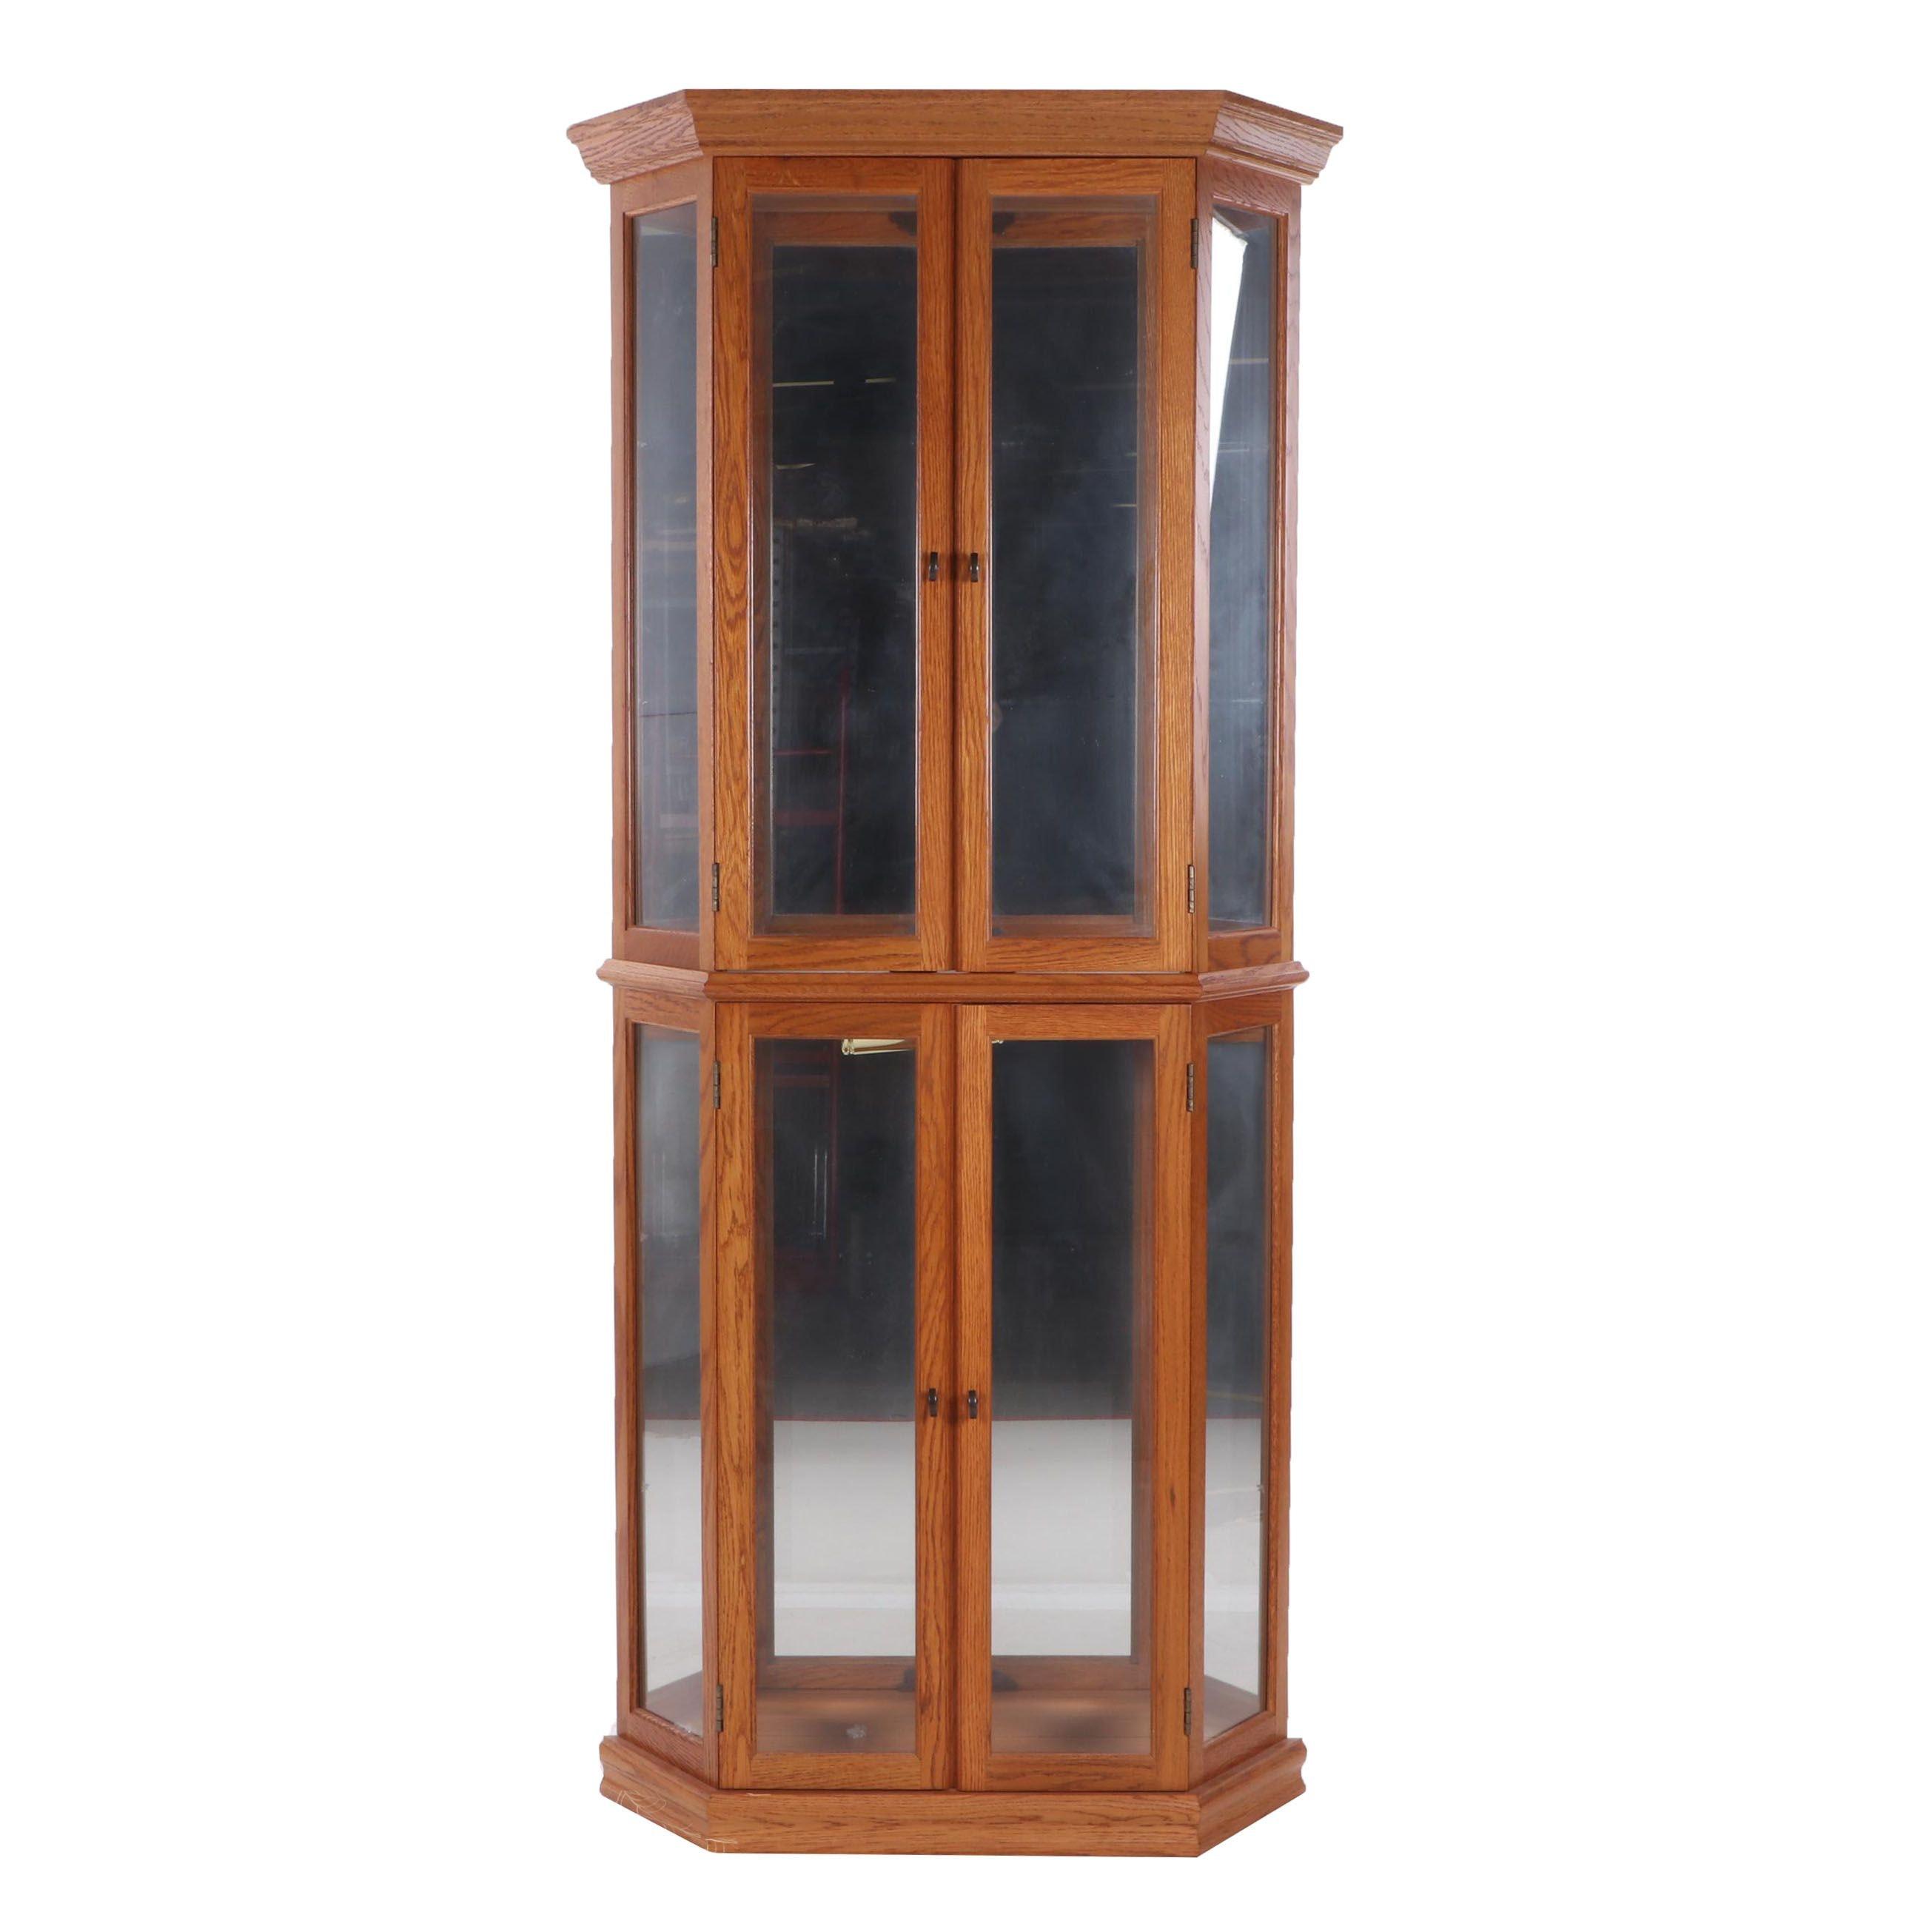 Pulaski Furniture Lighted Oak Curio Cabinet, Contemporary